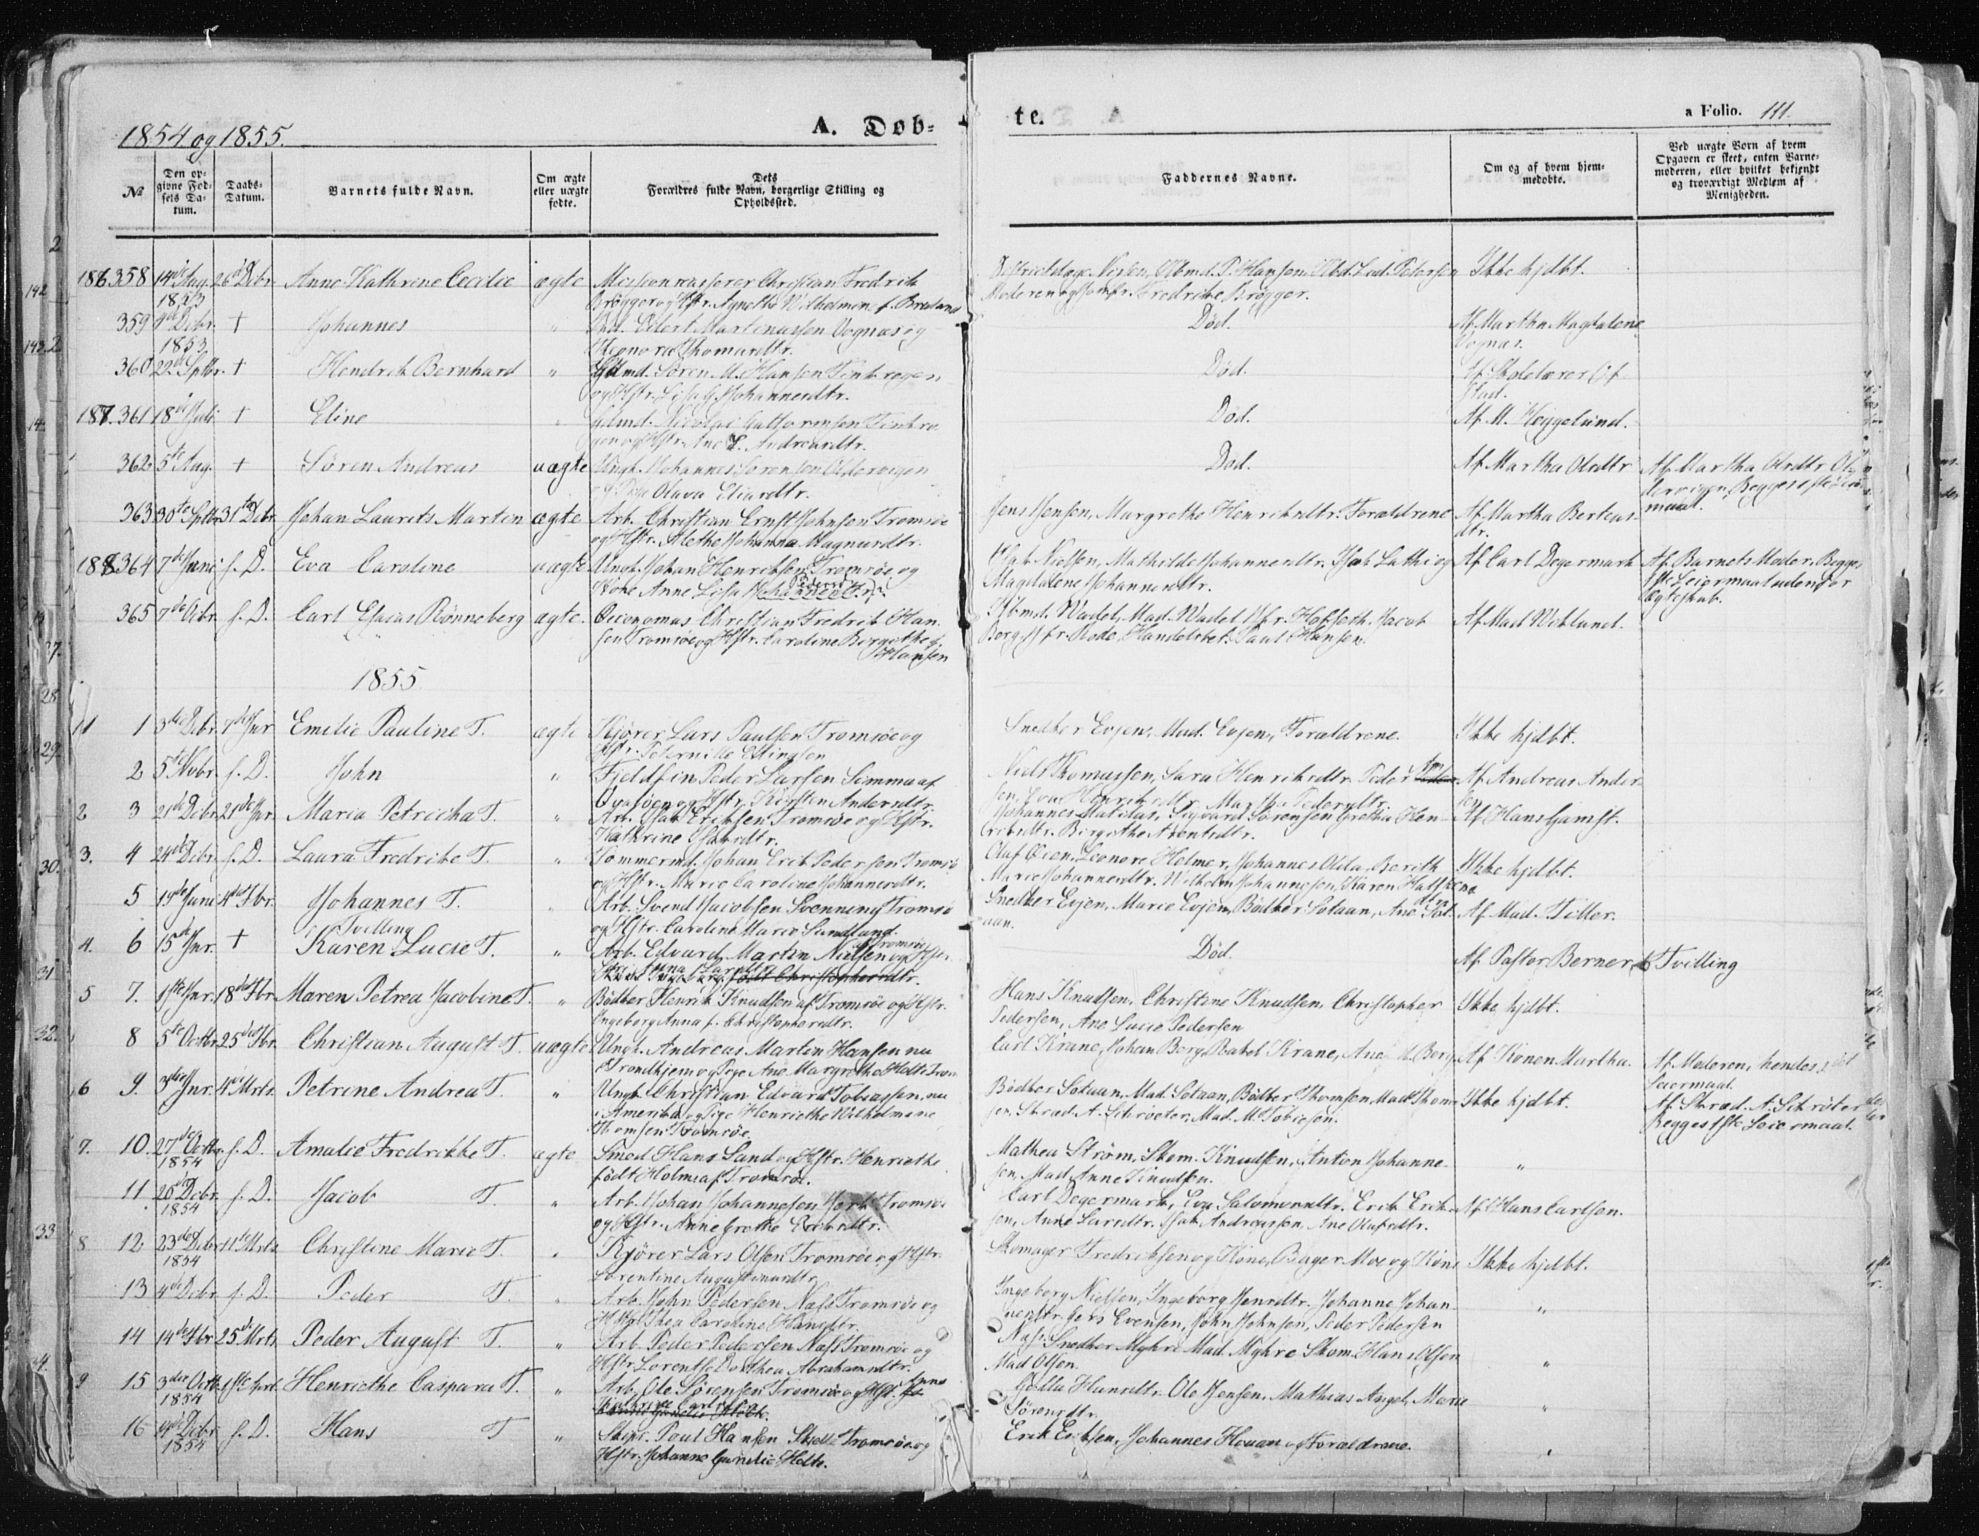 SATØ, Tromsø sokneprestkontor/stiftsprosti/domprosti, G/Ga/L0010kirke: Ministerialbok nr. 10, 1848-1855, s. 111